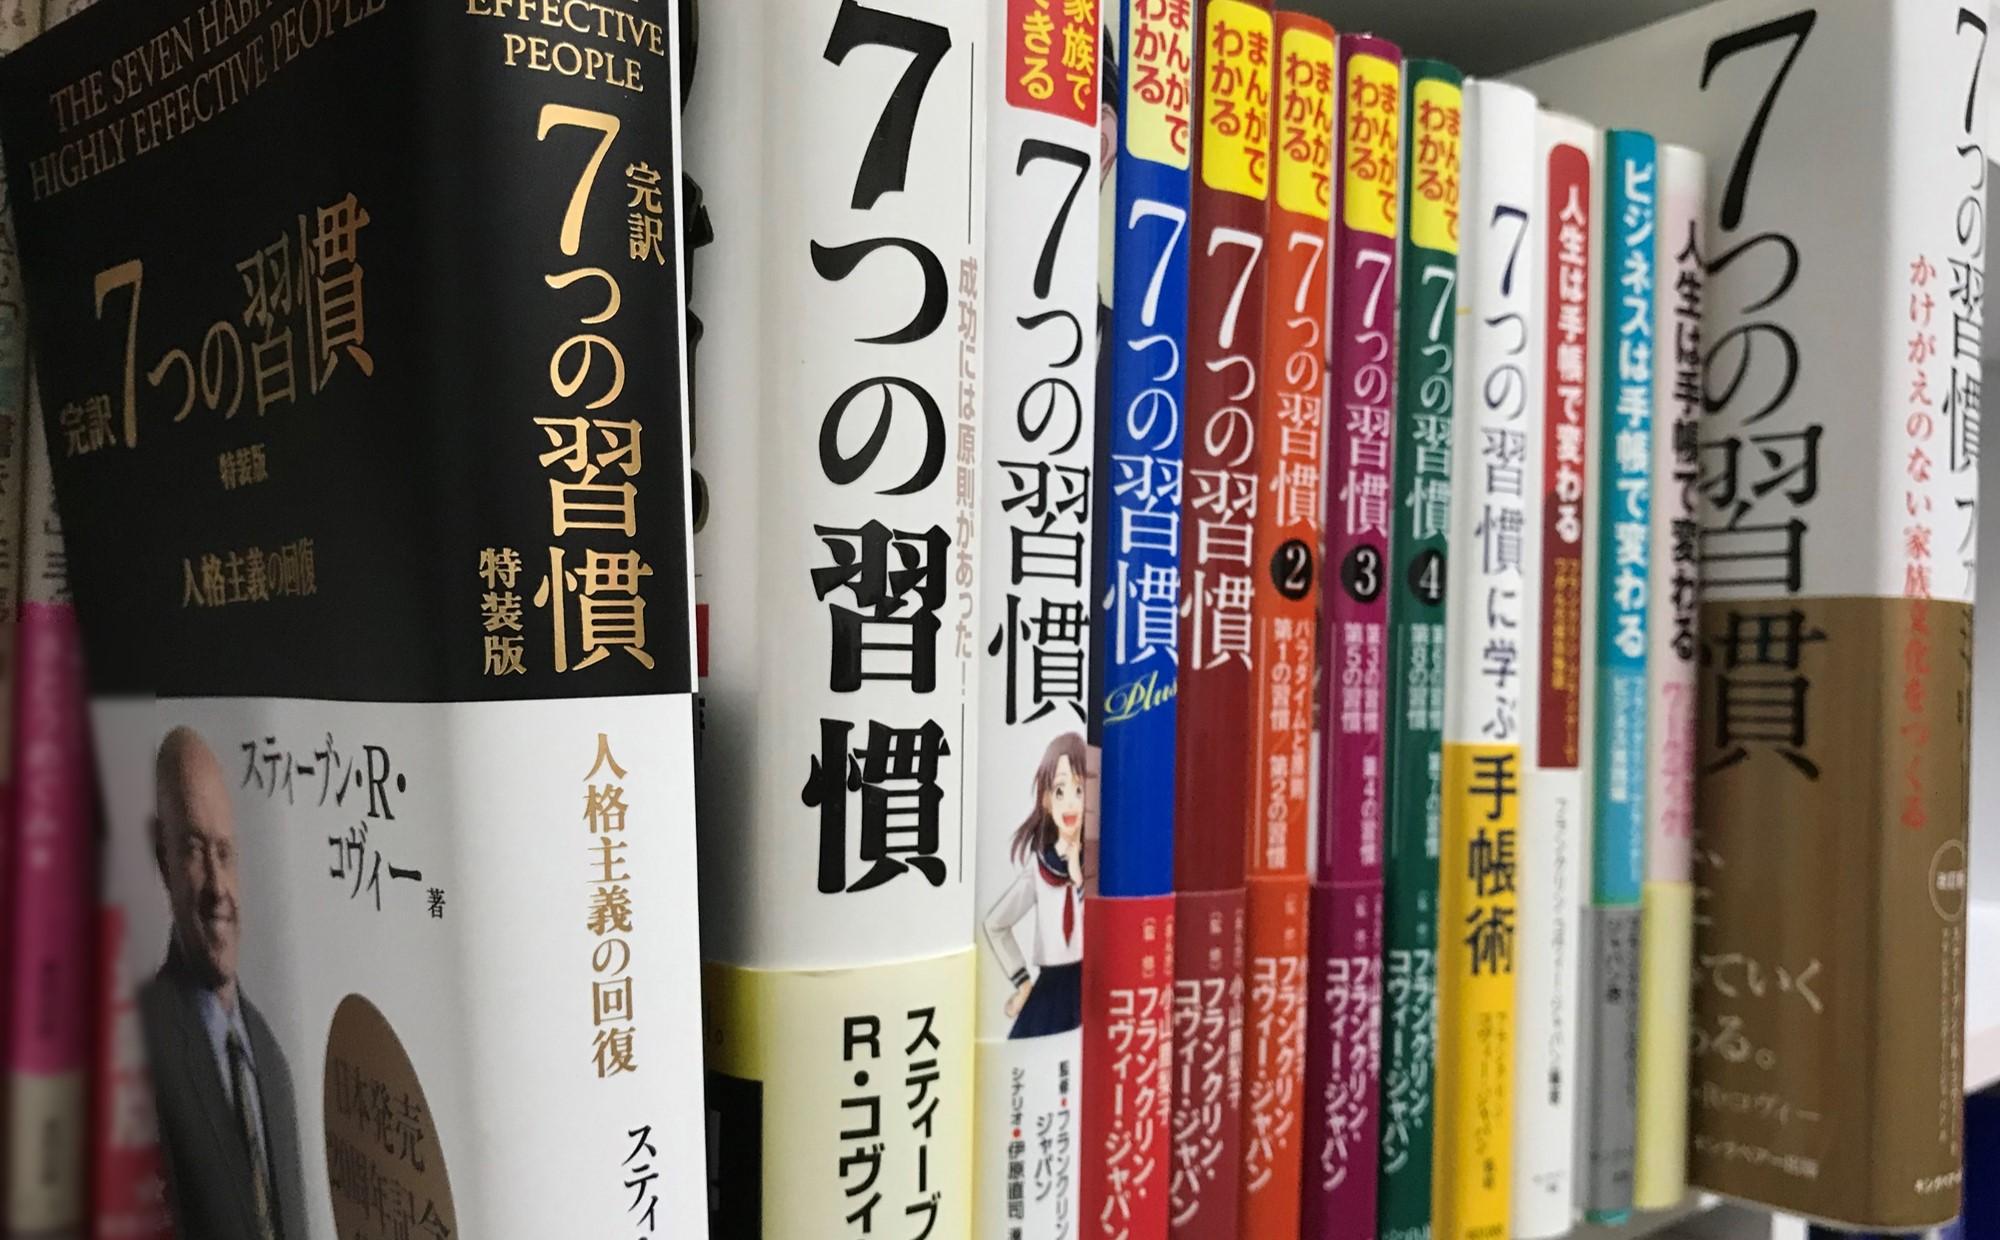 名著『7つの習慣』をまだ読んだことがない人には、漫画版がかなりお薦め!